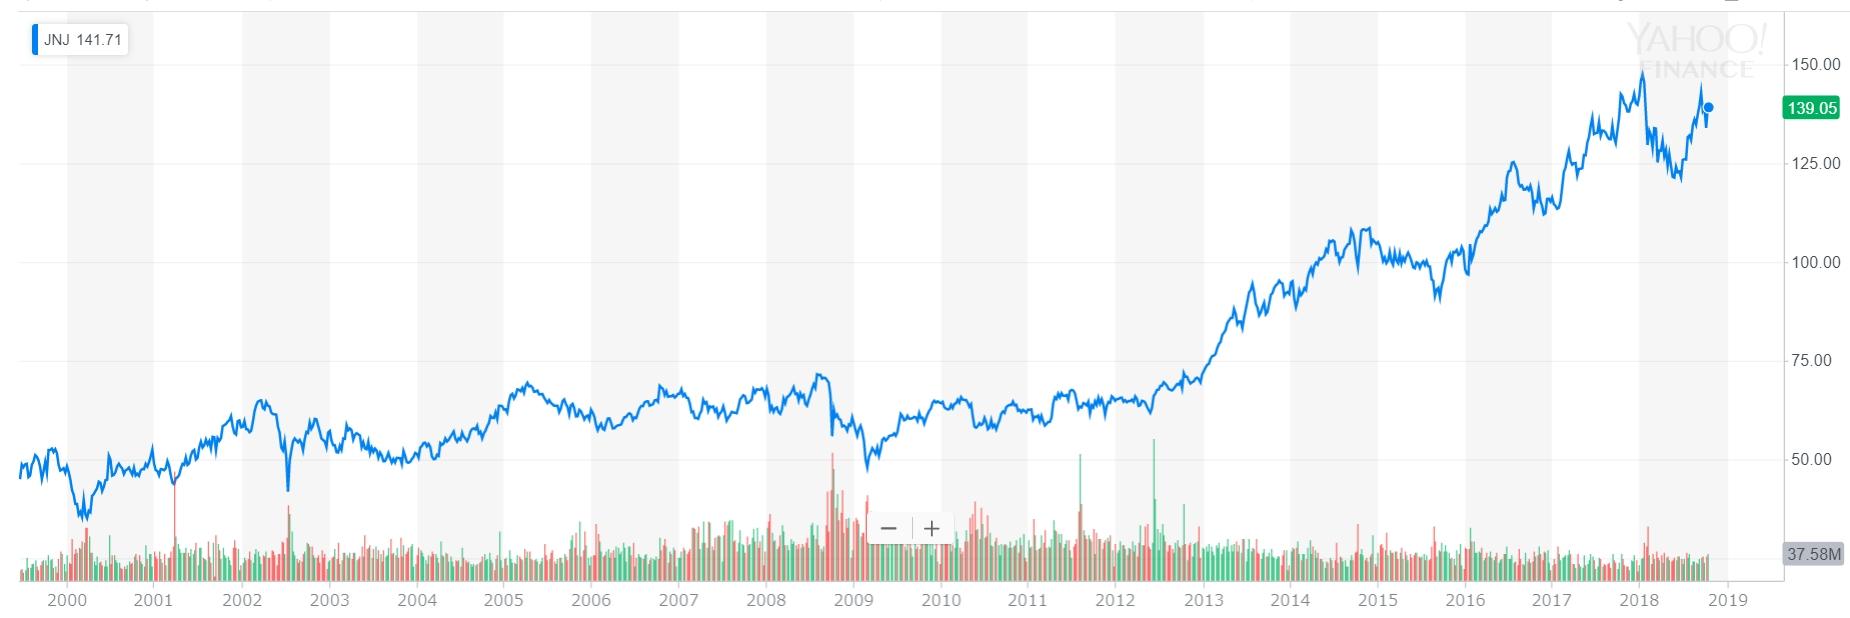 ジョンソン・エンド・ジョンソンの株価